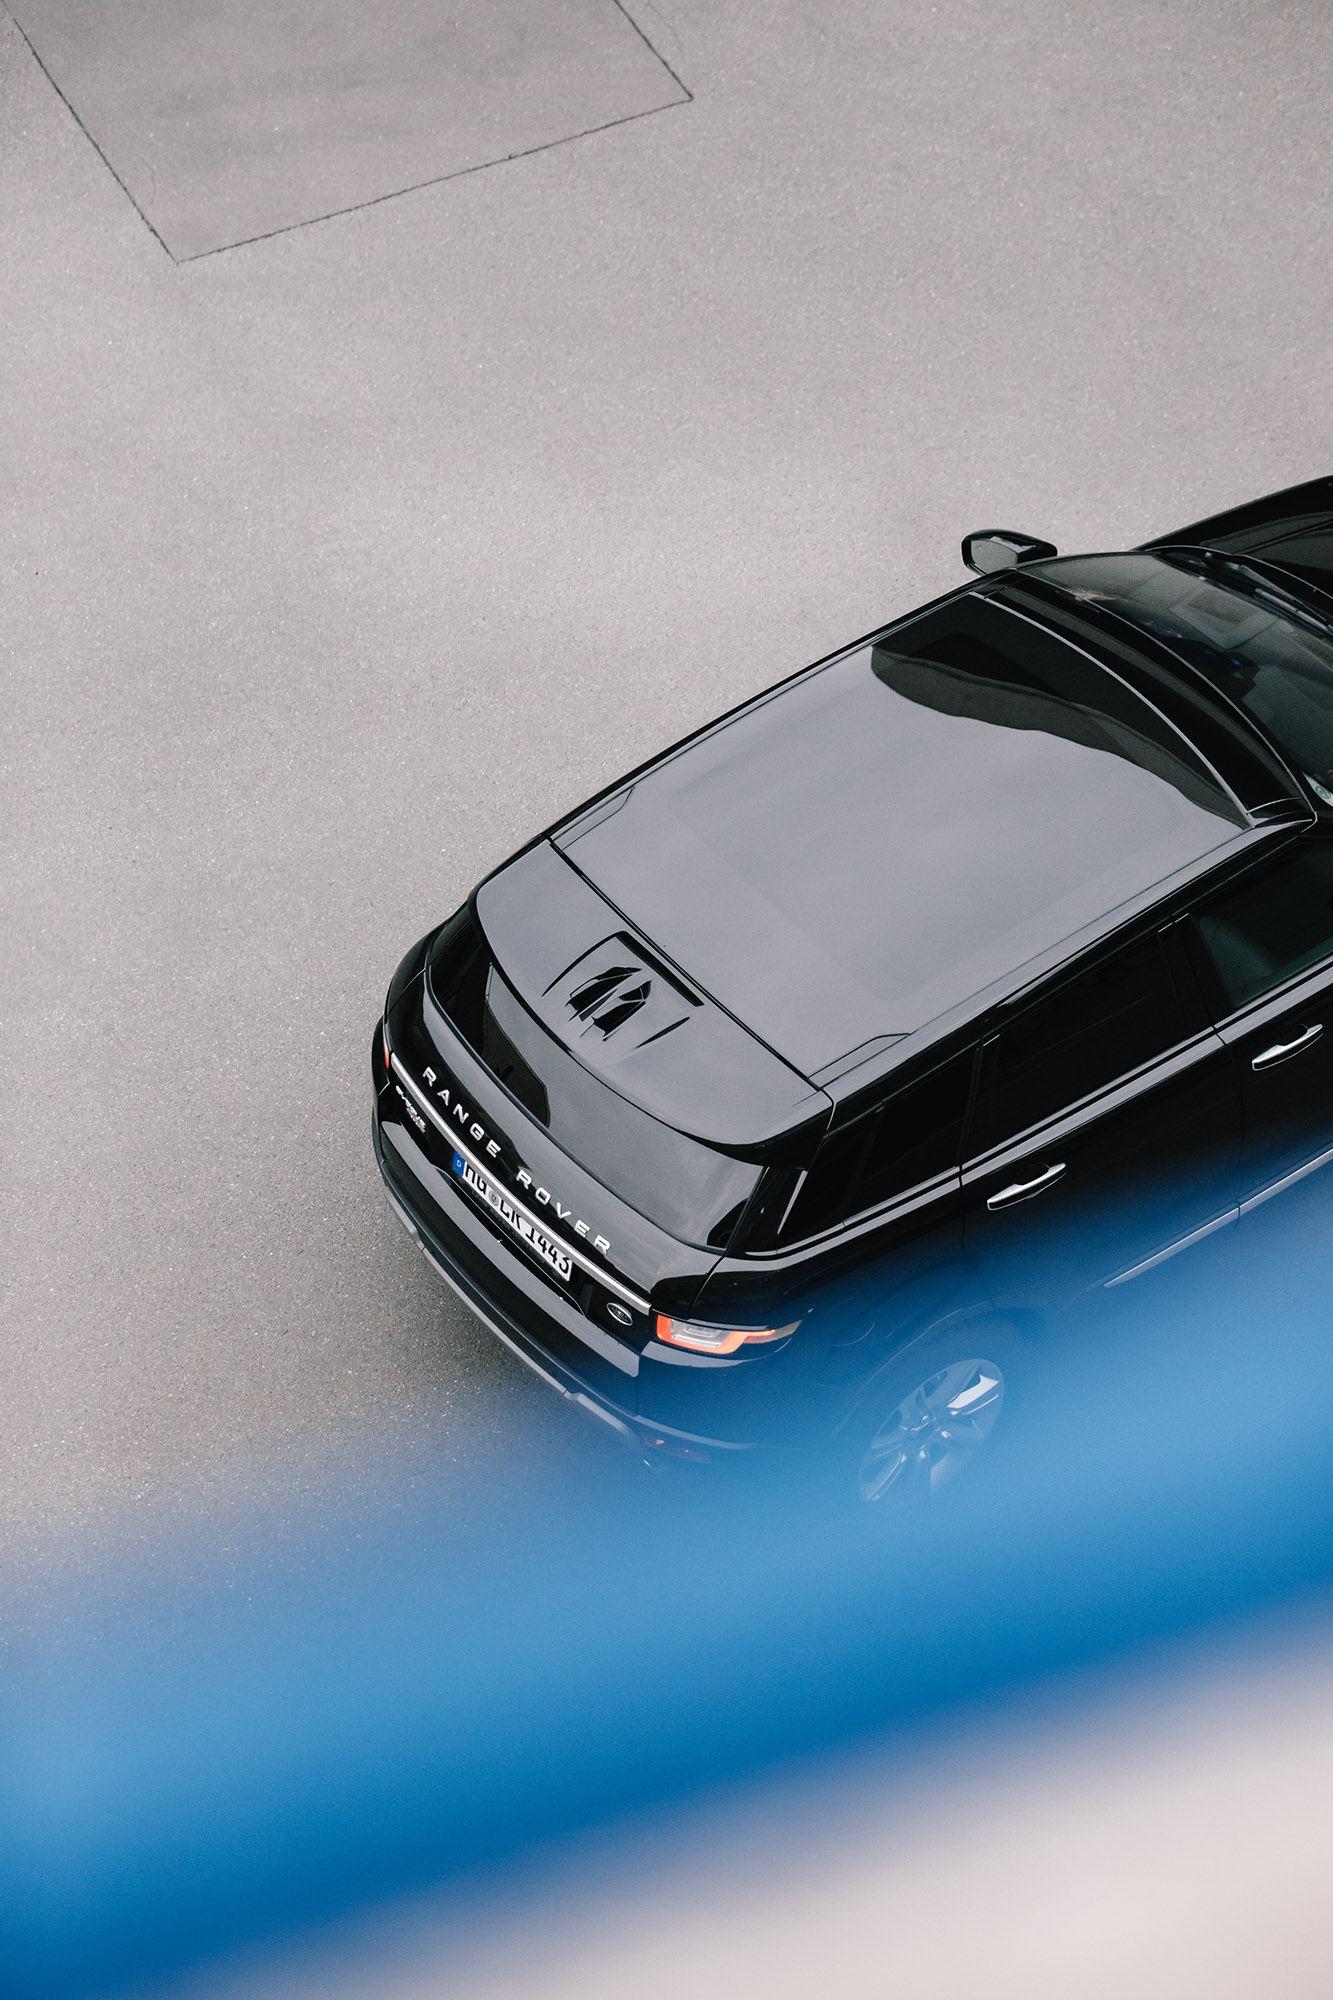 Range-Rover-Evoque-IGNANT-Alejandro-Arretureta-005